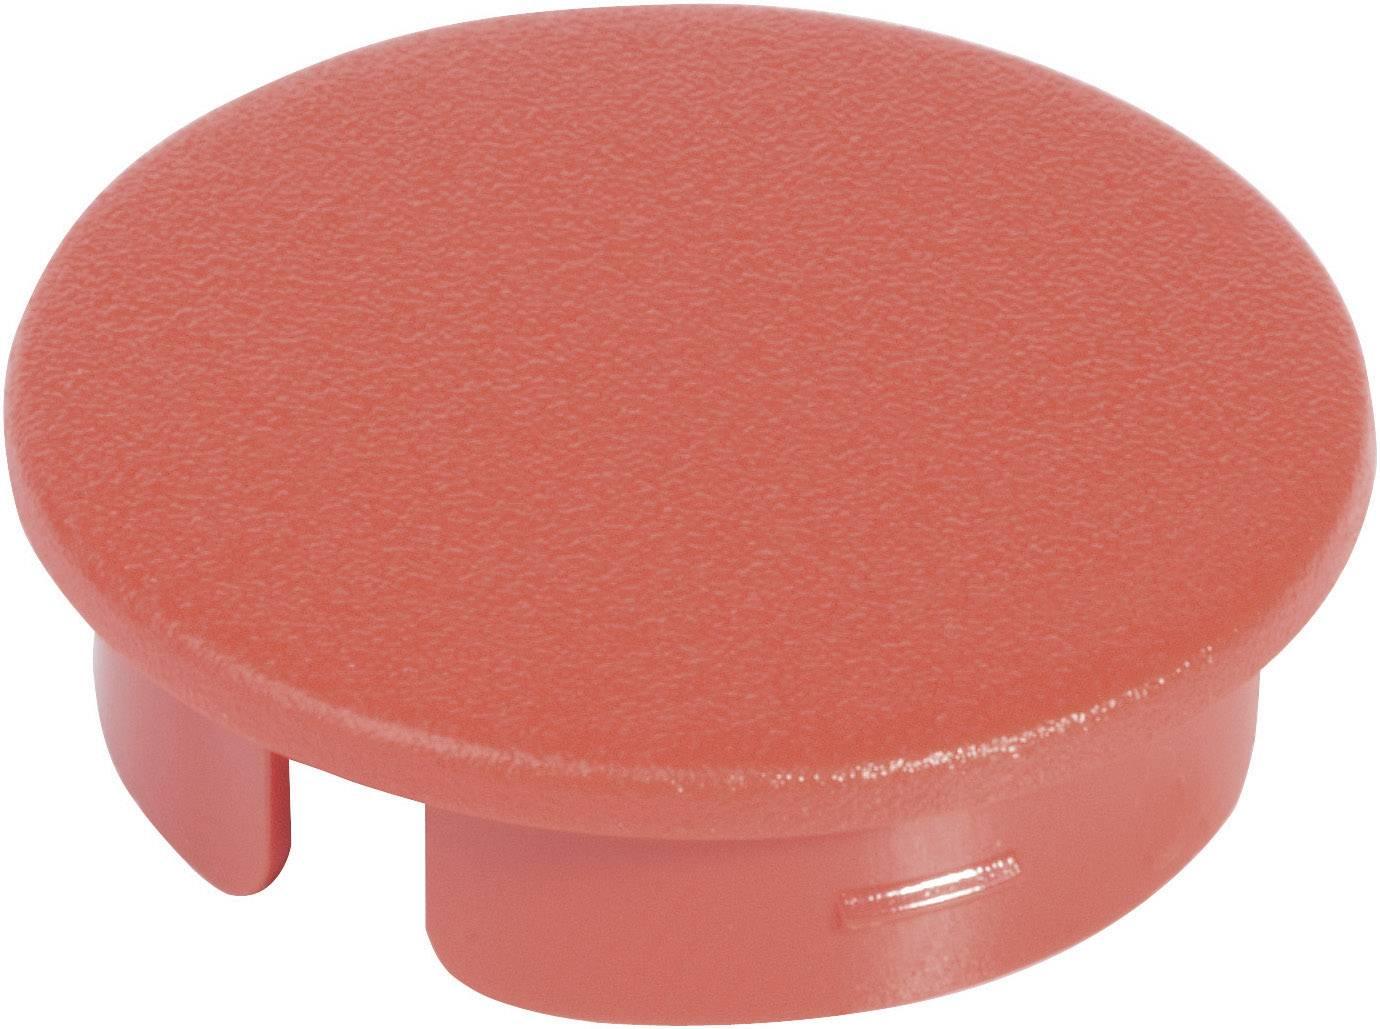 Krytka na otočný knoflík bez ukazatele OKW, pro knoflíky/O 31 mm, červená